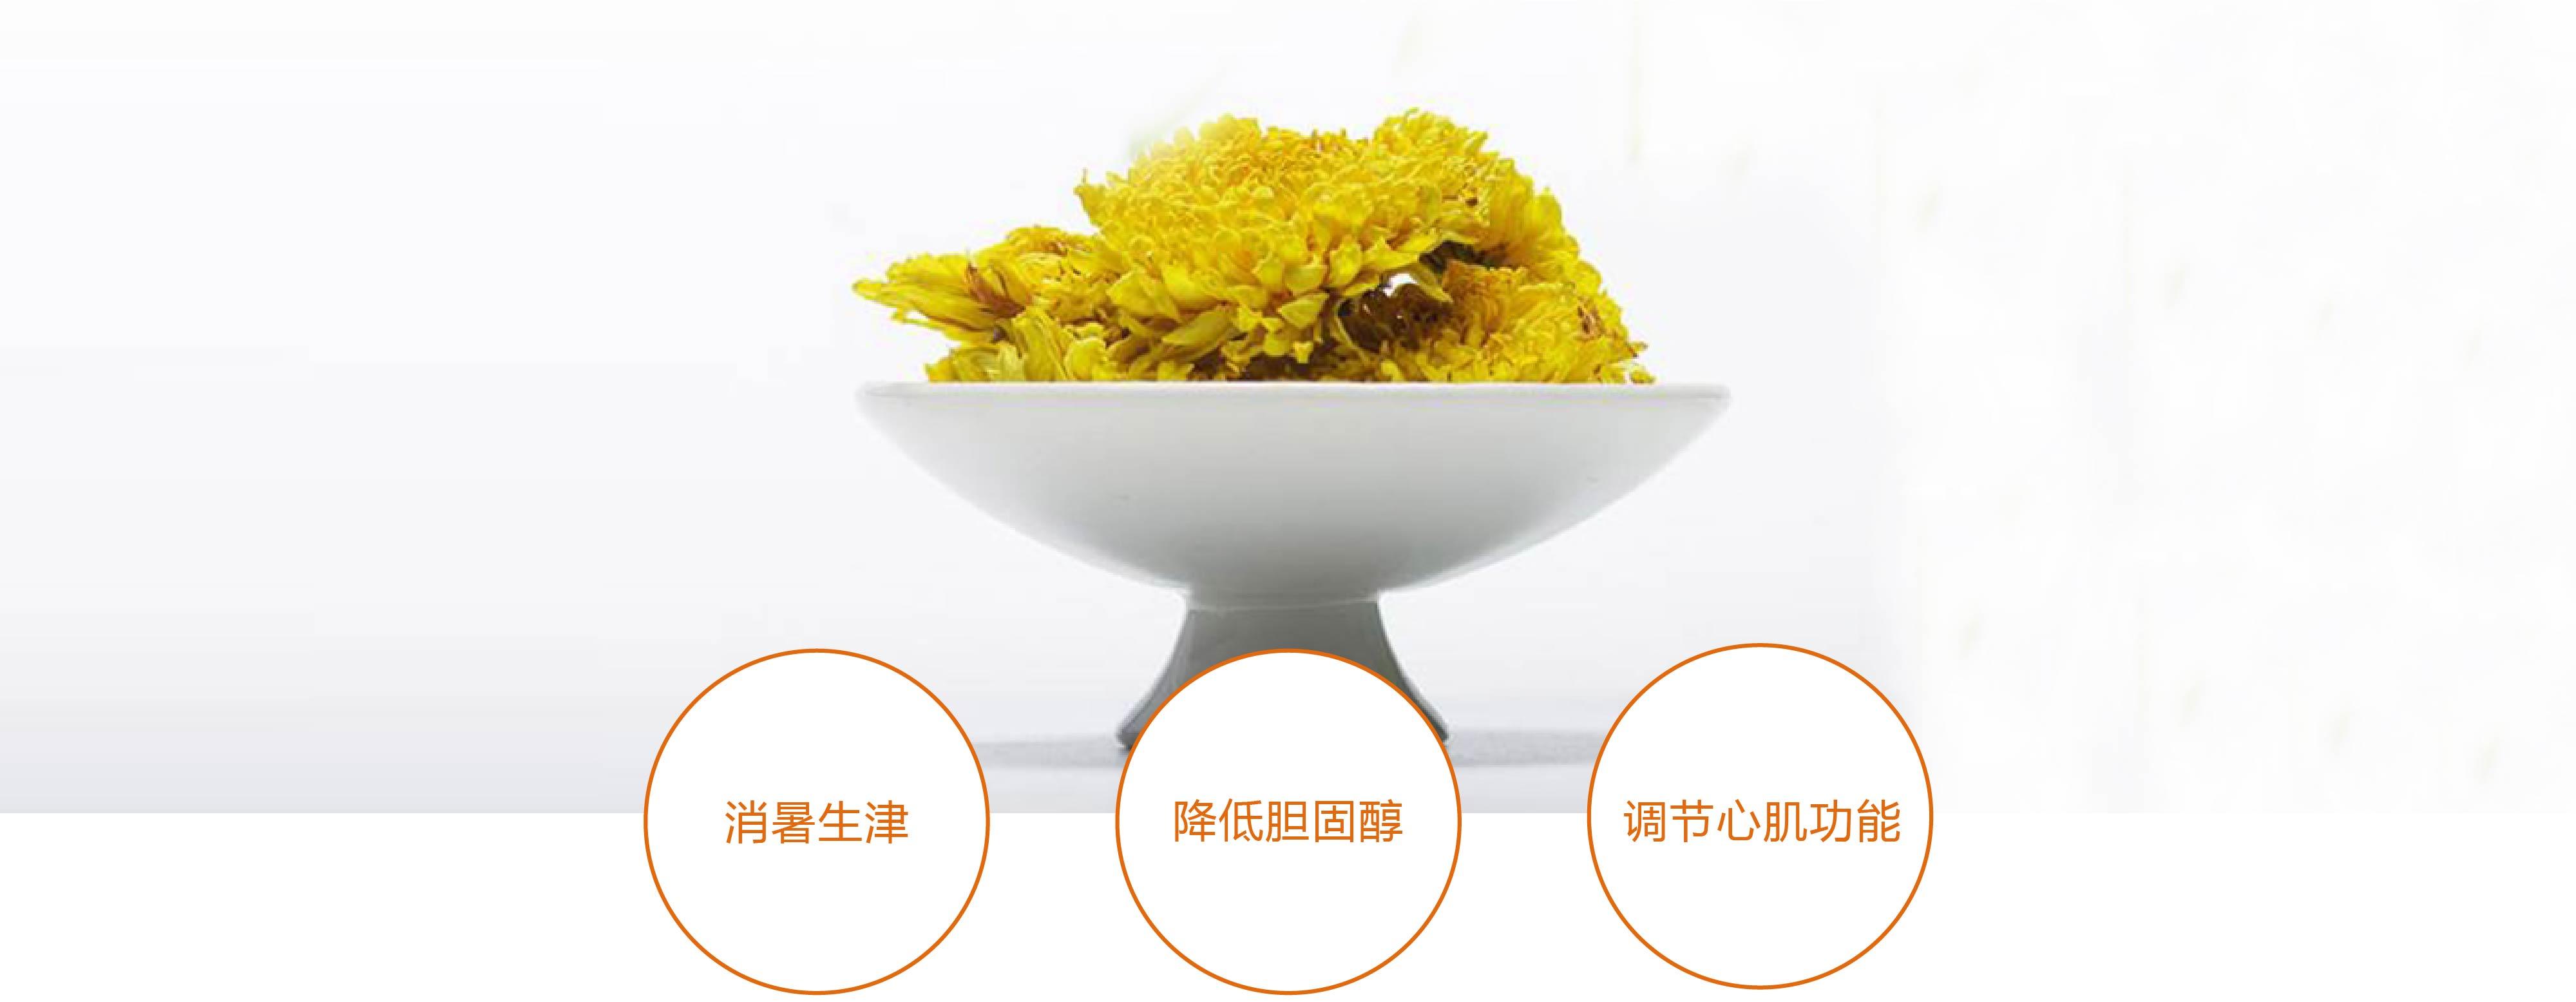 小产区奉新黄菊